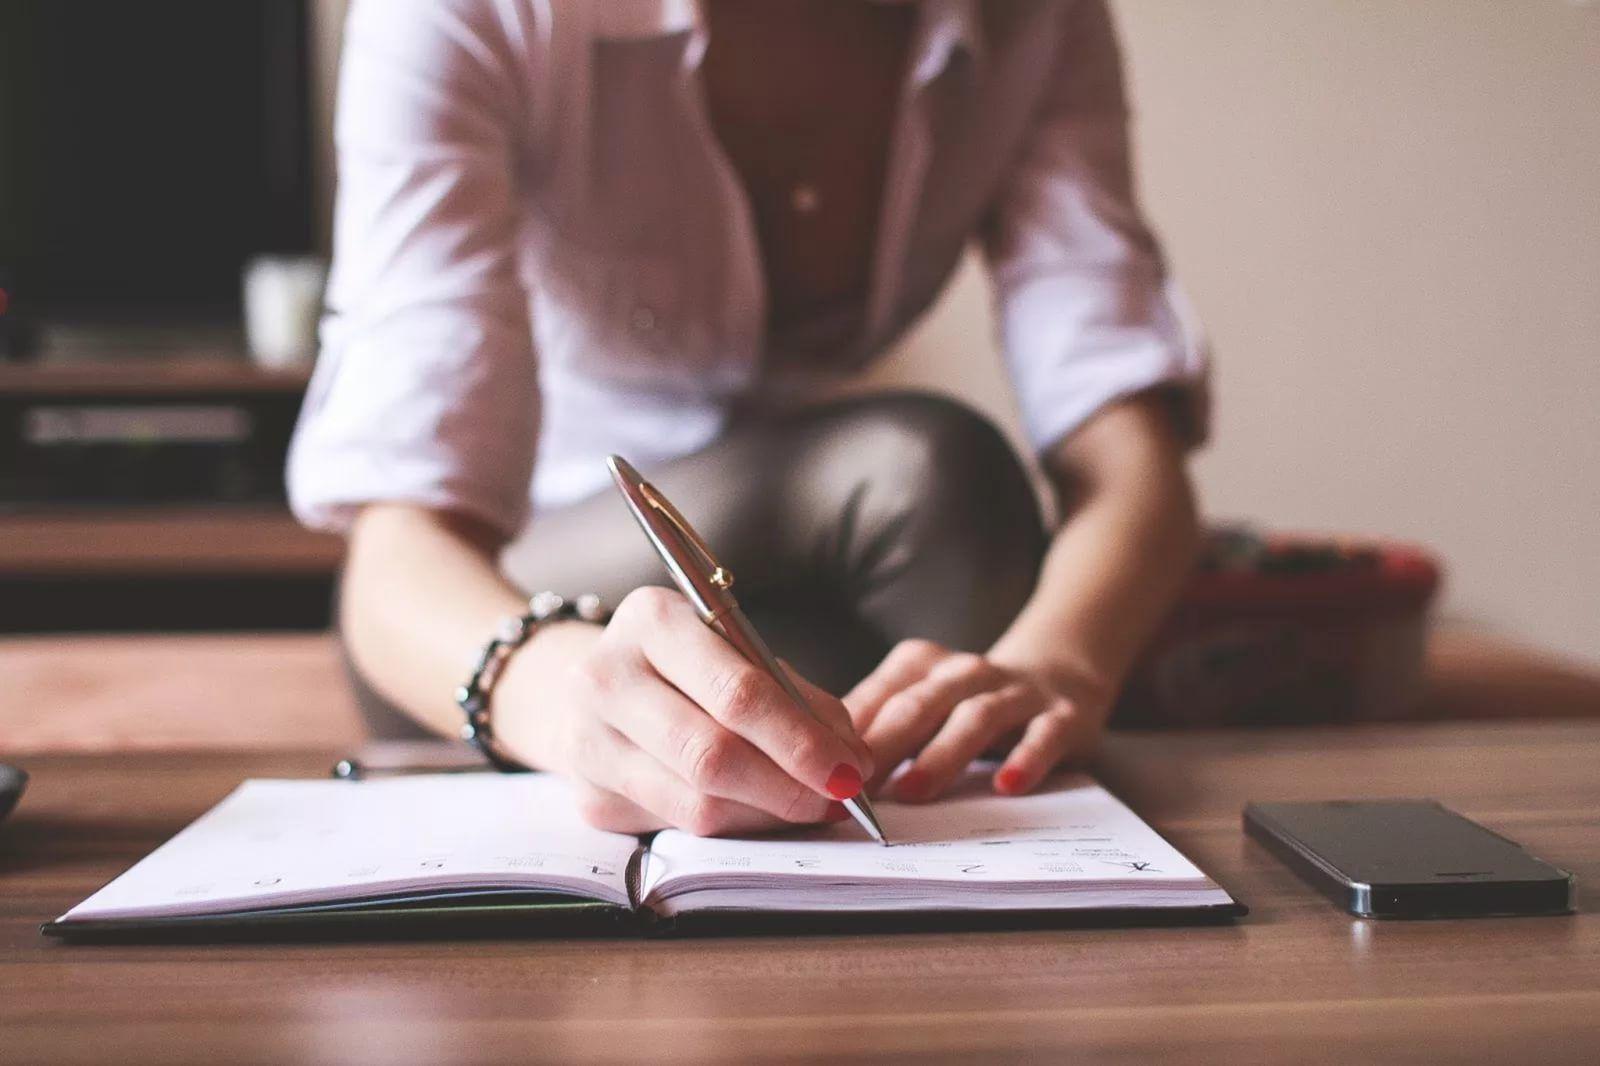 фото девушка пишет письмо за столом: 16 тыс изображений найдено в ...